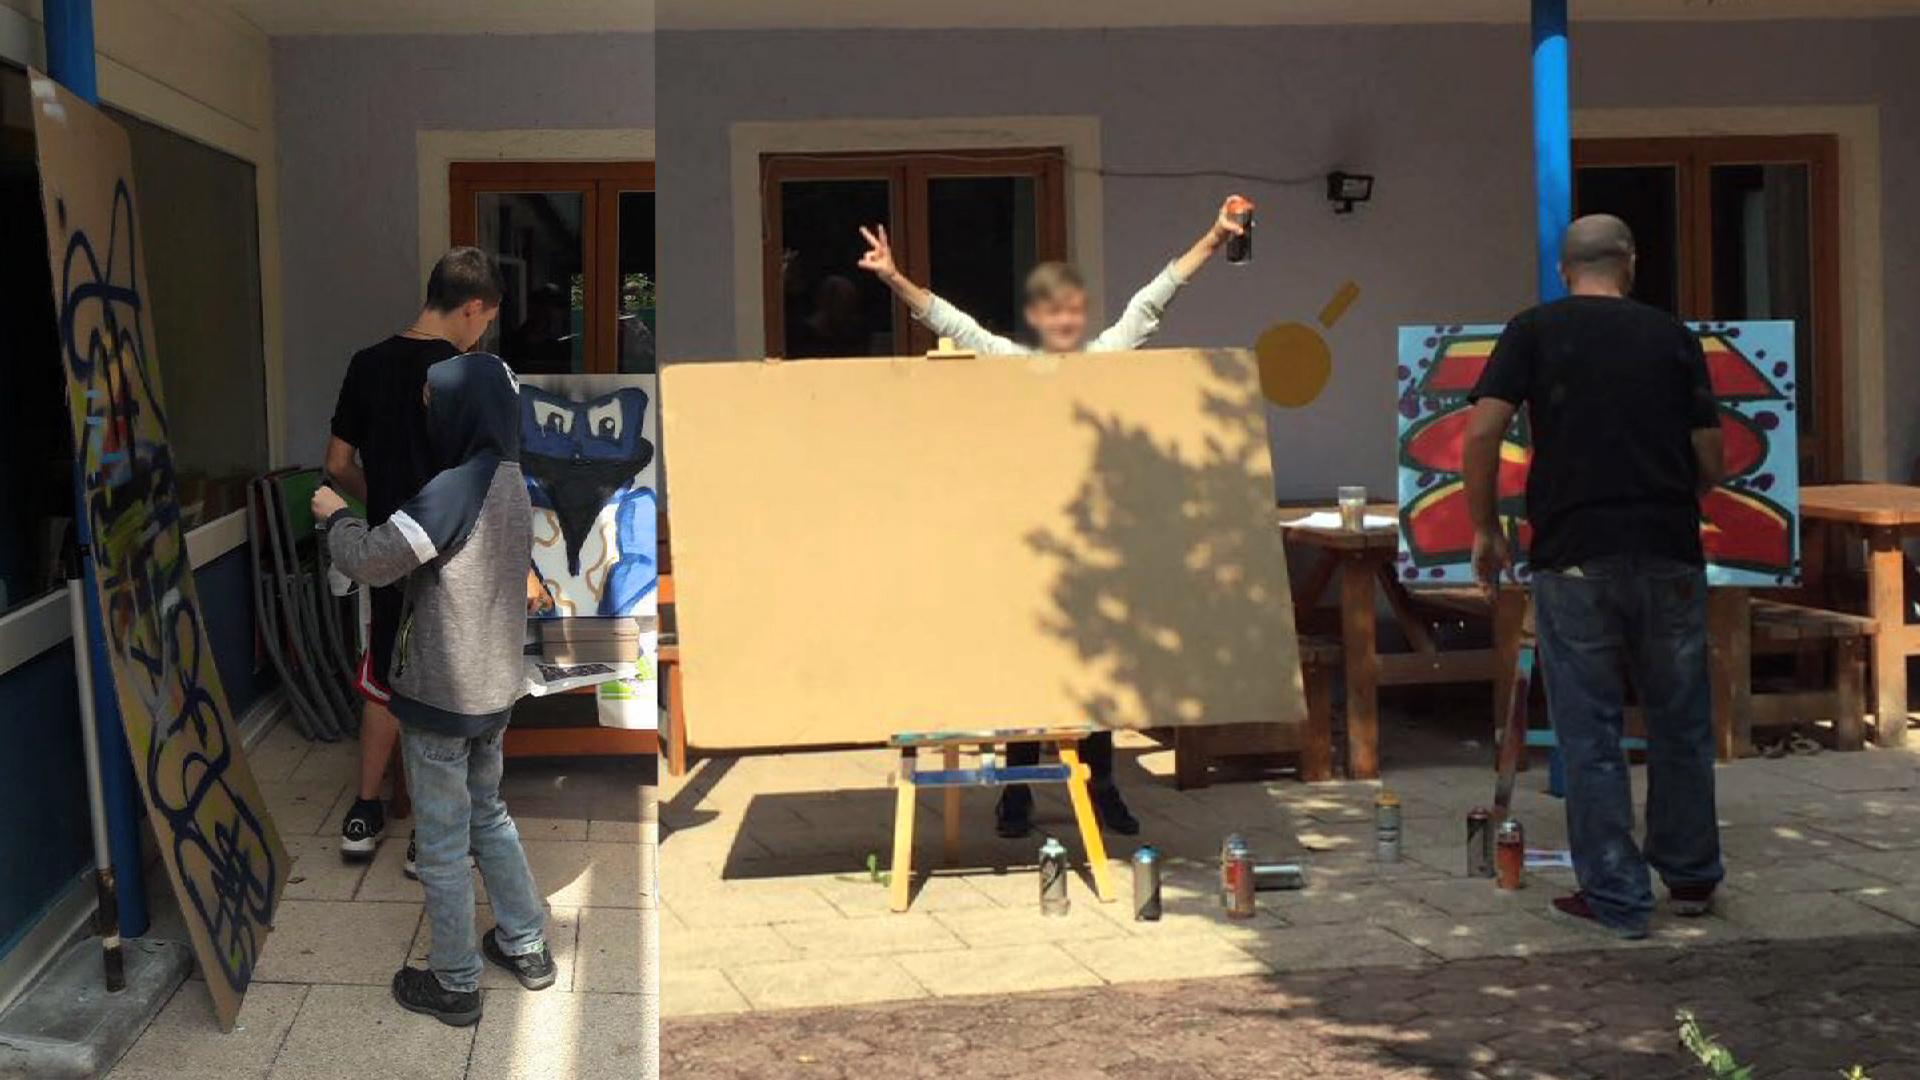 Hids_Grafitti_0917_1.jpg